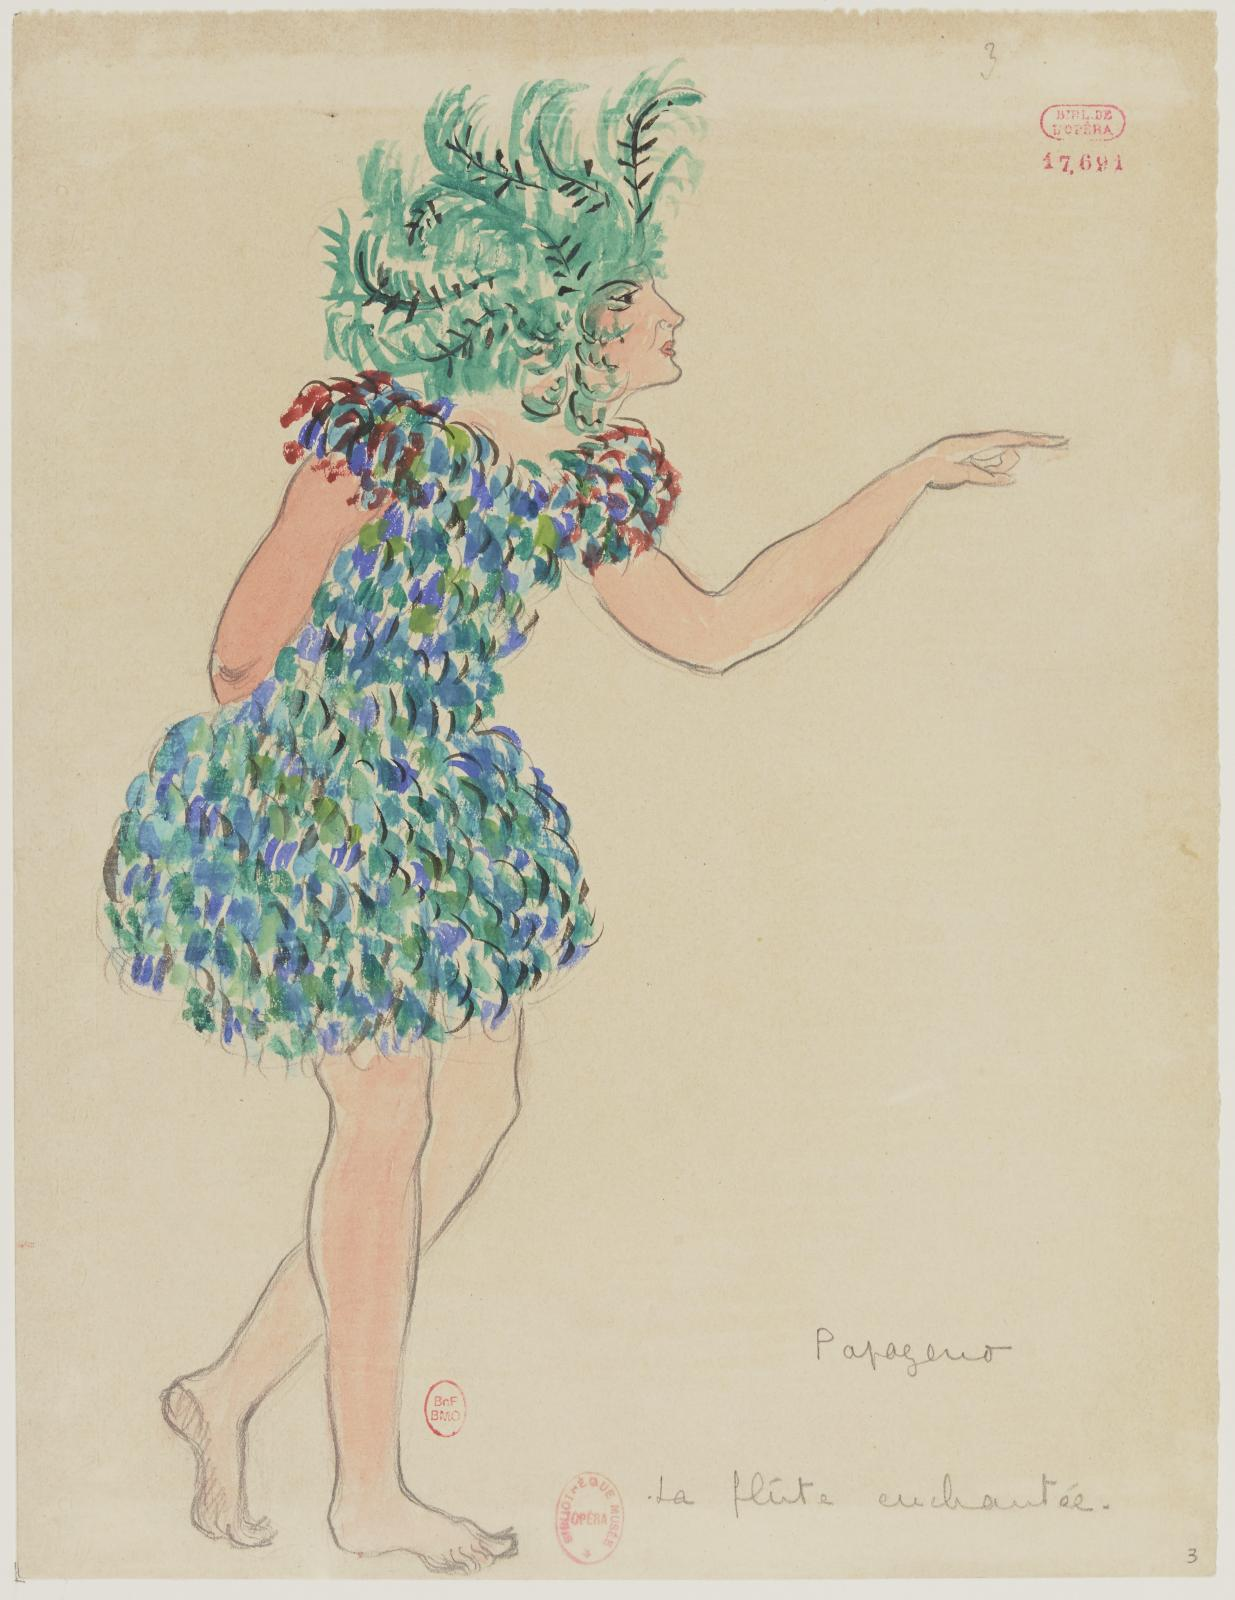 Jacques Drésa (1869-1929), maquette de costume pour Papageno dans La Flûte enchantée, 1922, dessin, BnF, département de la Musique, Bibliothèque-musée